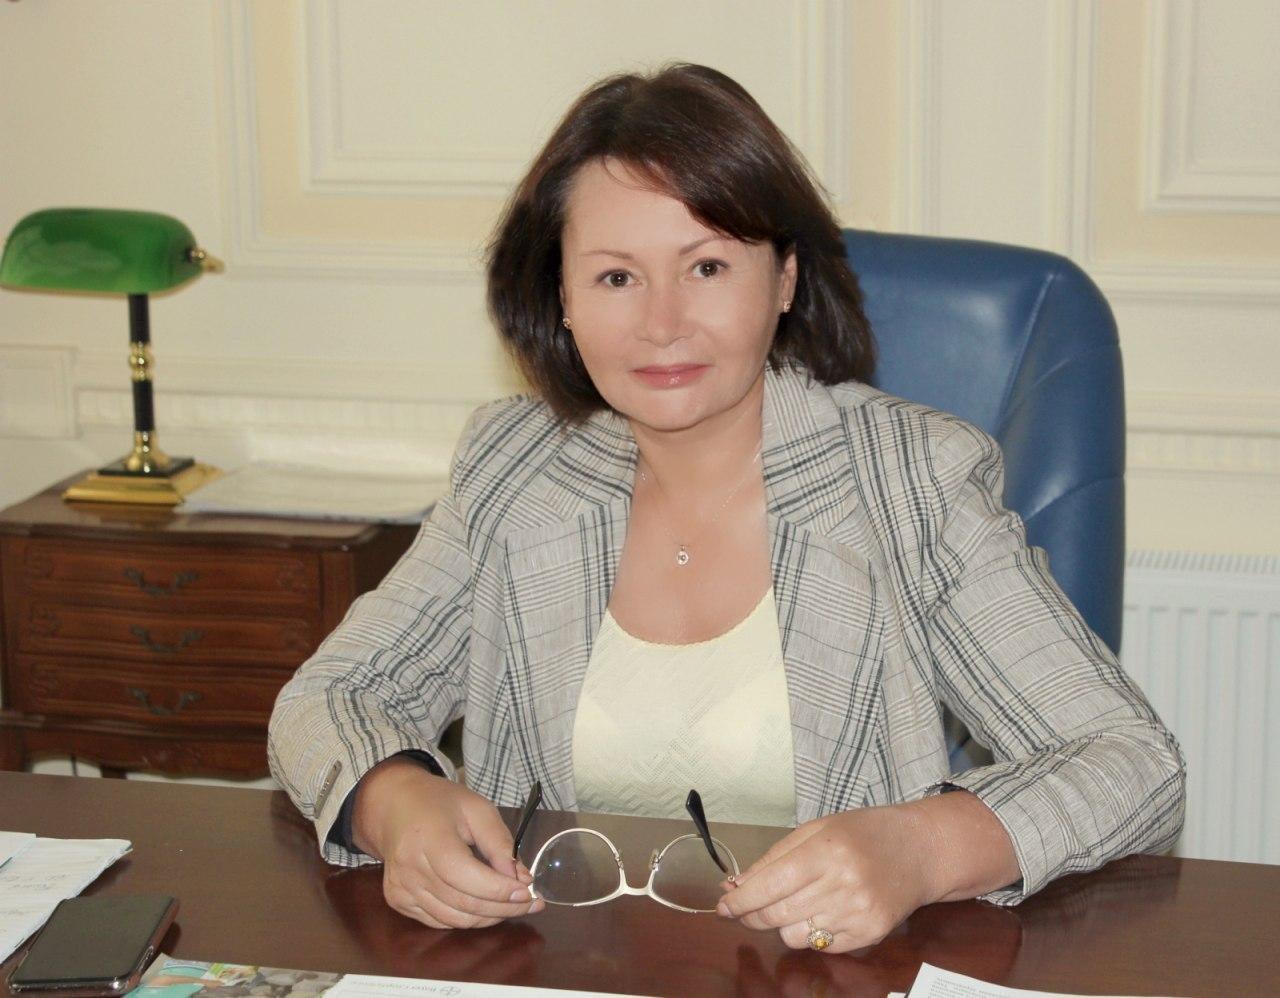 Алена Ротова: Мне еще есть чем быть своему городу полезной